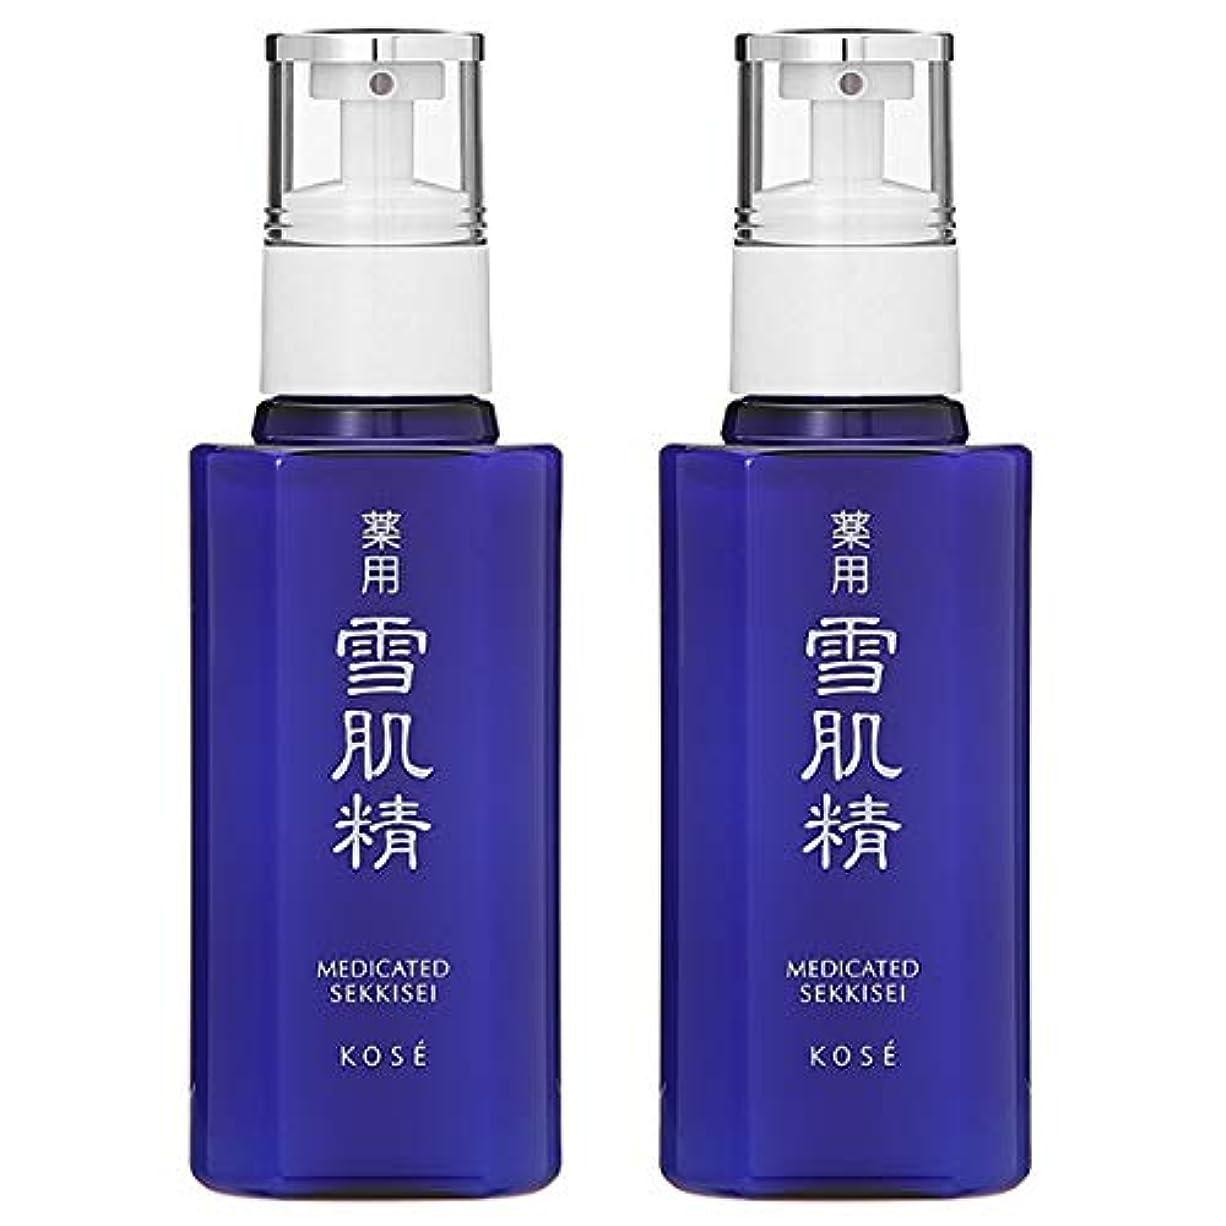 クリークホテル分子コーセー 雪肌精 SEKKISEI 乳液 140mL 【2個セット】